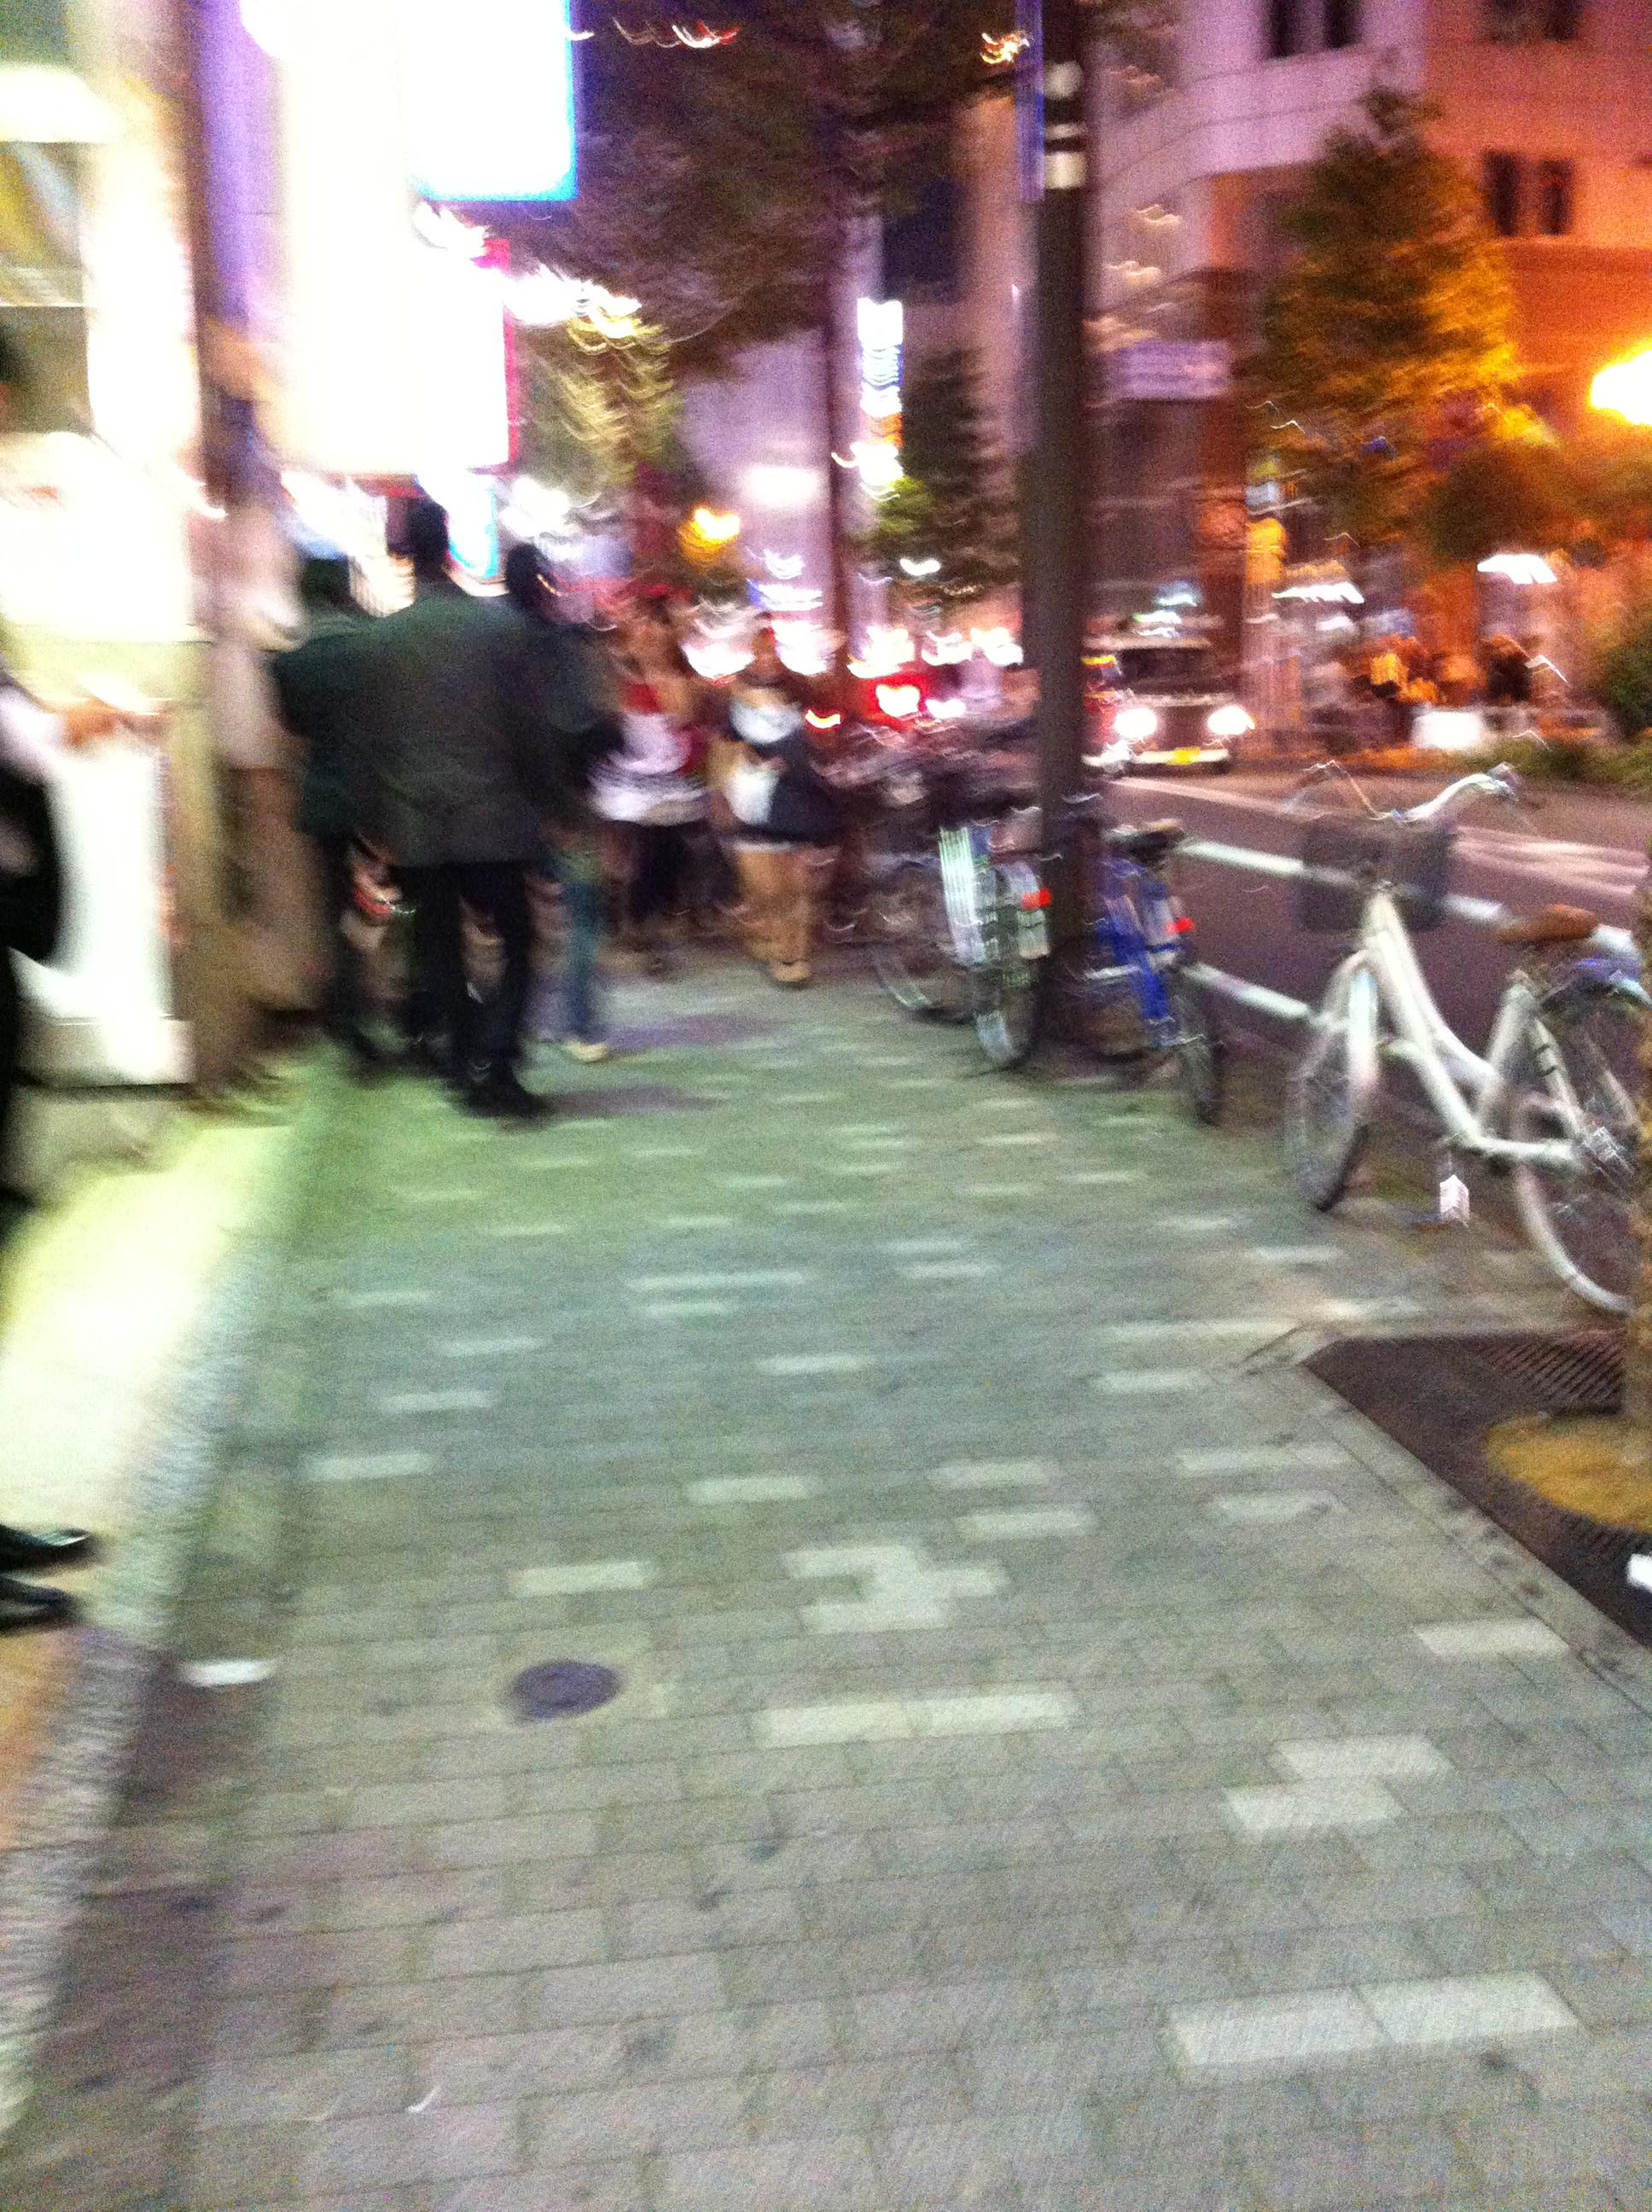 โตเกียวเกียวโตtokyoเที่ยวกินปลาดิบแซลม่อนPicture 321,เส้นทางญี่ปุ่นโตเกียว,เที่ยวญี่ปุ่นที่ไหนดี,รีวิวโตเกียว,โตเกียวญี่ปุ่นพันทิบ,ตลาดปลาสึกิจิร้านอร่อย,ร้านอาหารโตเกียว,อะคิตะอินุ,ฮะจิโคสุนัขกตัญญู,เ